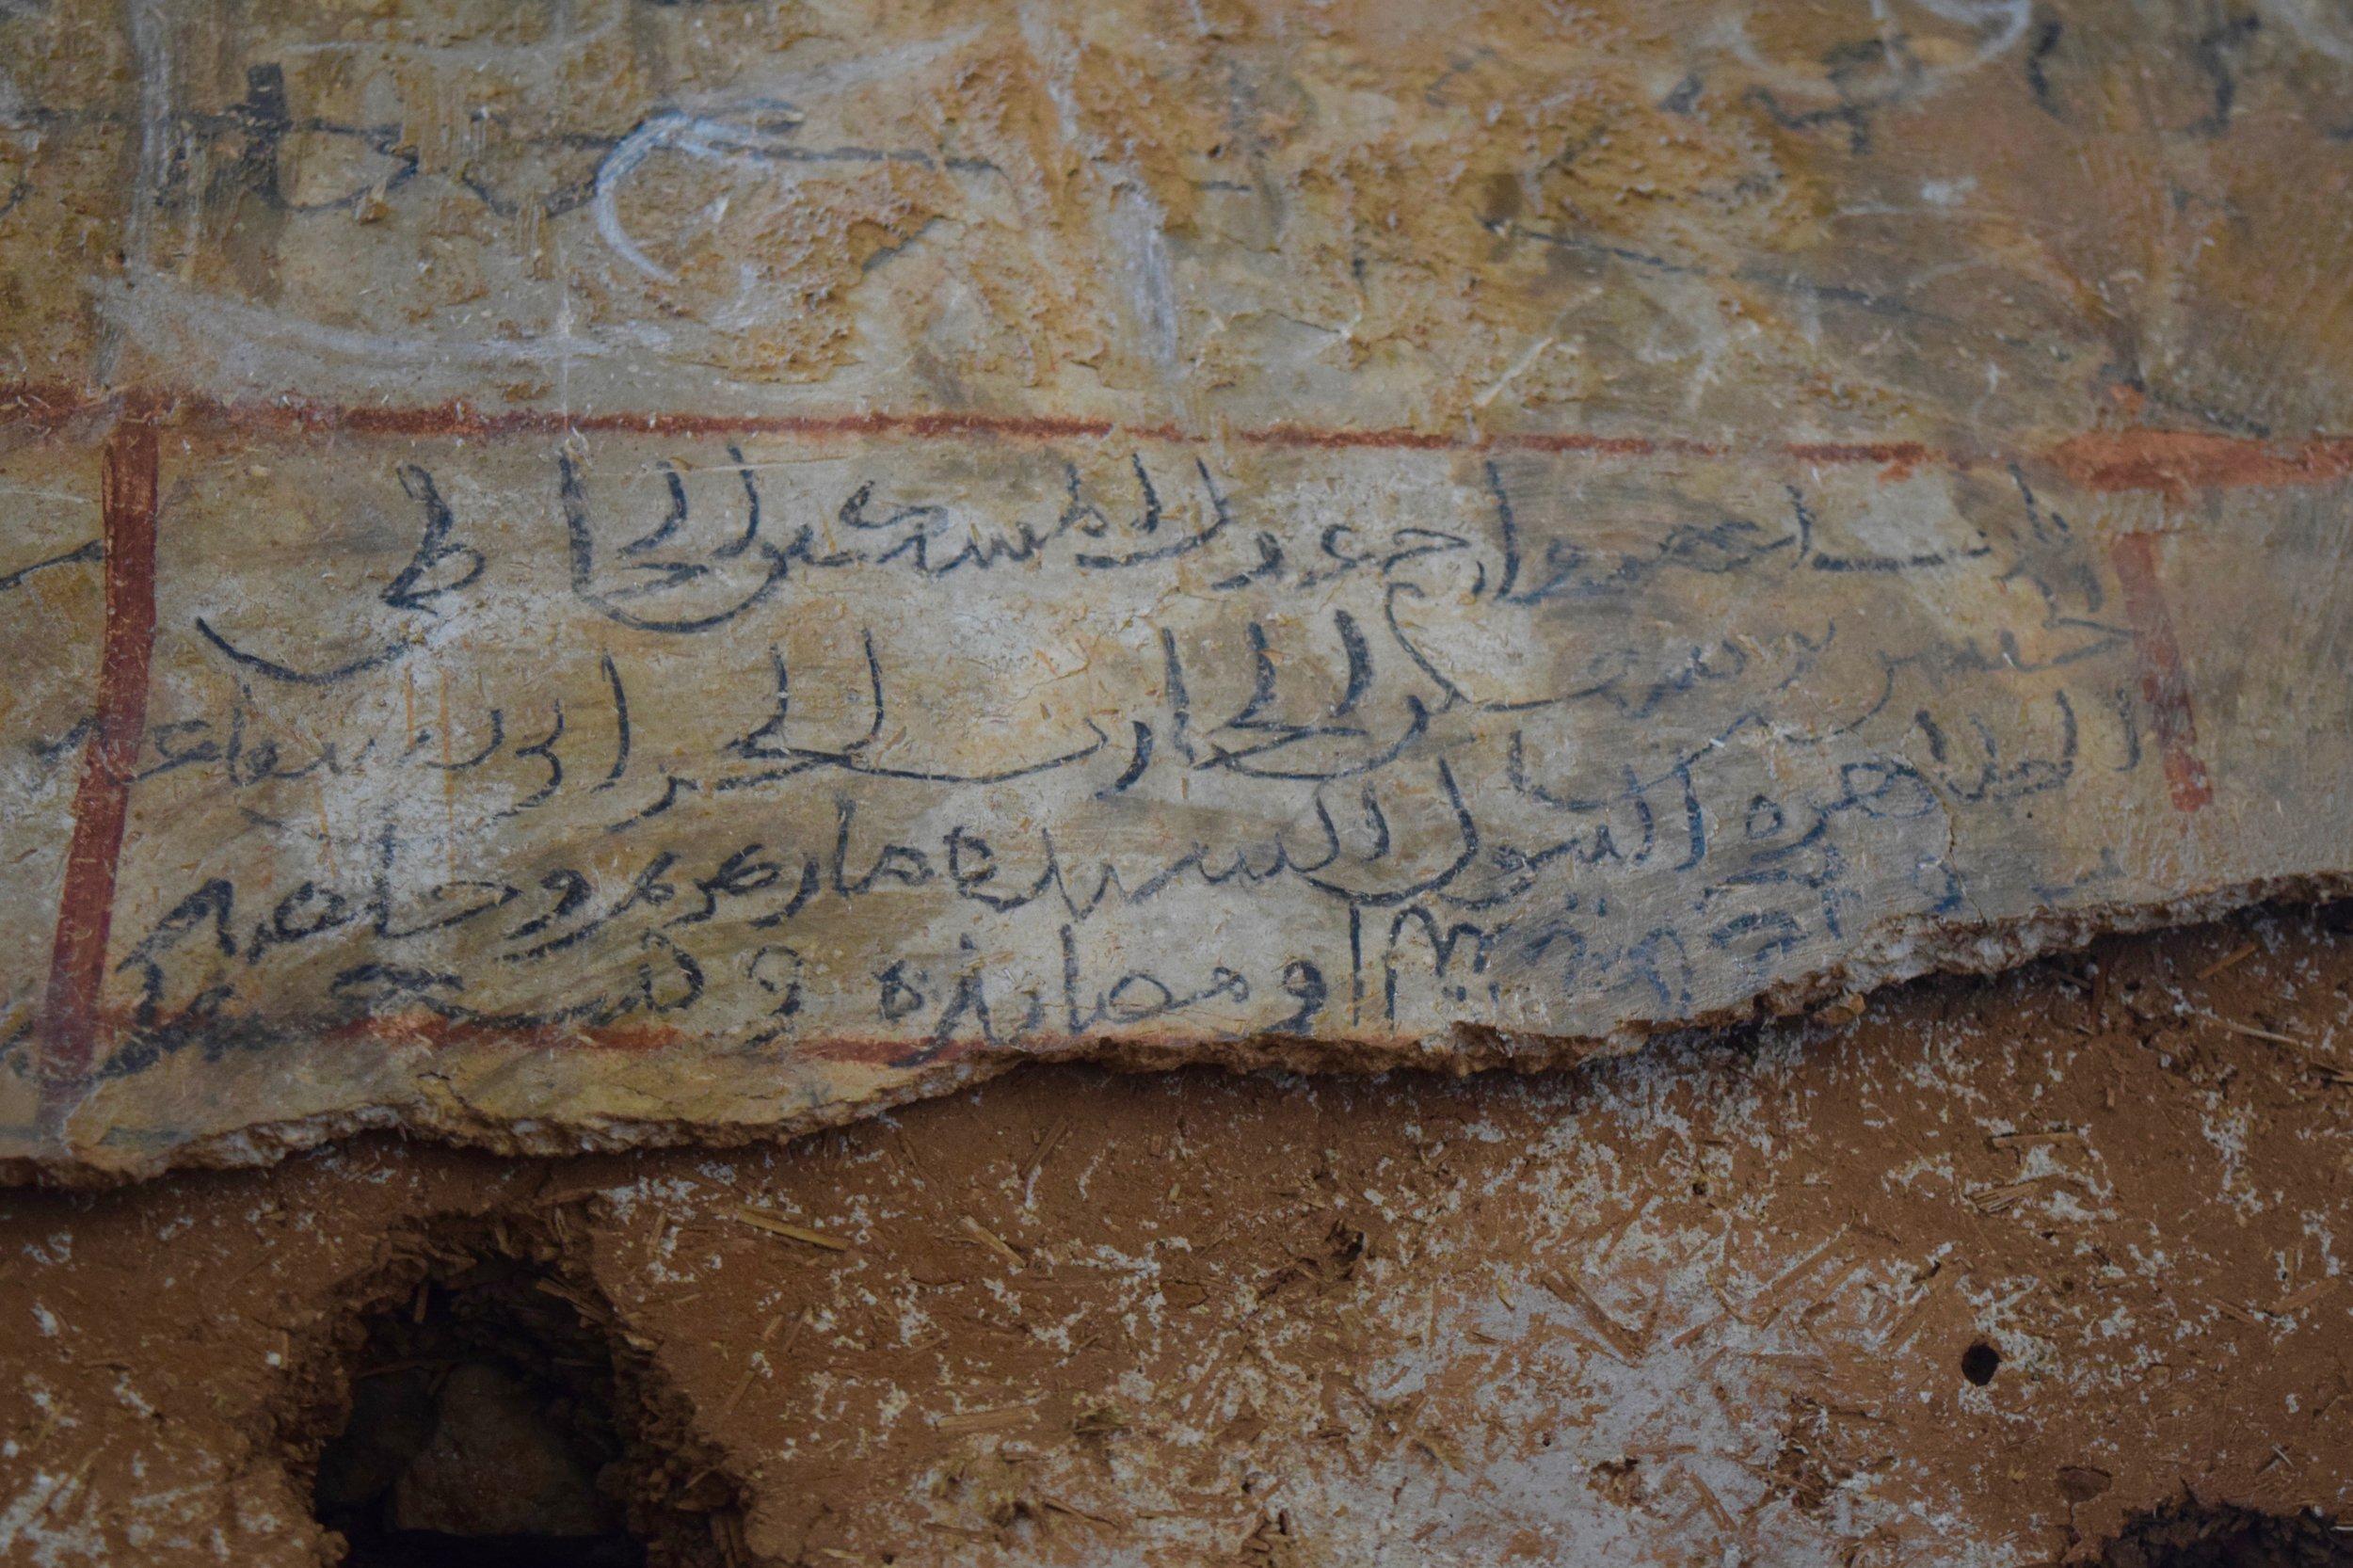 Inscripción en árabe con el nombre de Satán escrito bocabajo